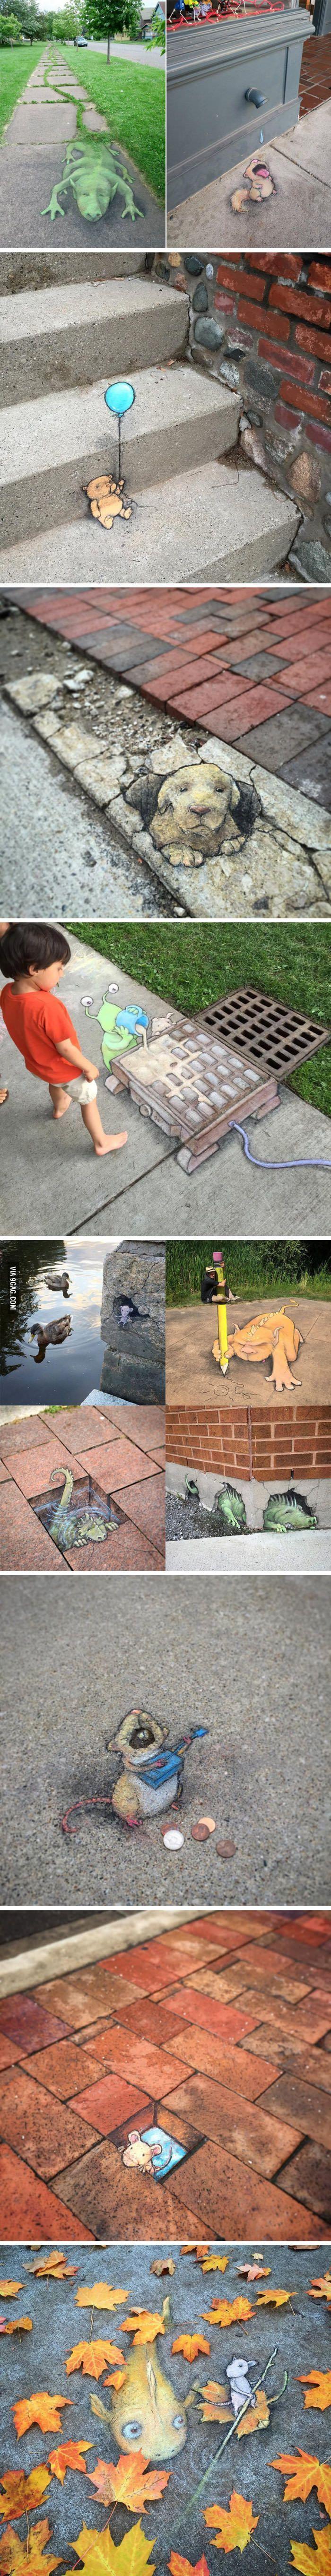 Adorable sidewalk art pops up in Ann Arbor - 9GAG